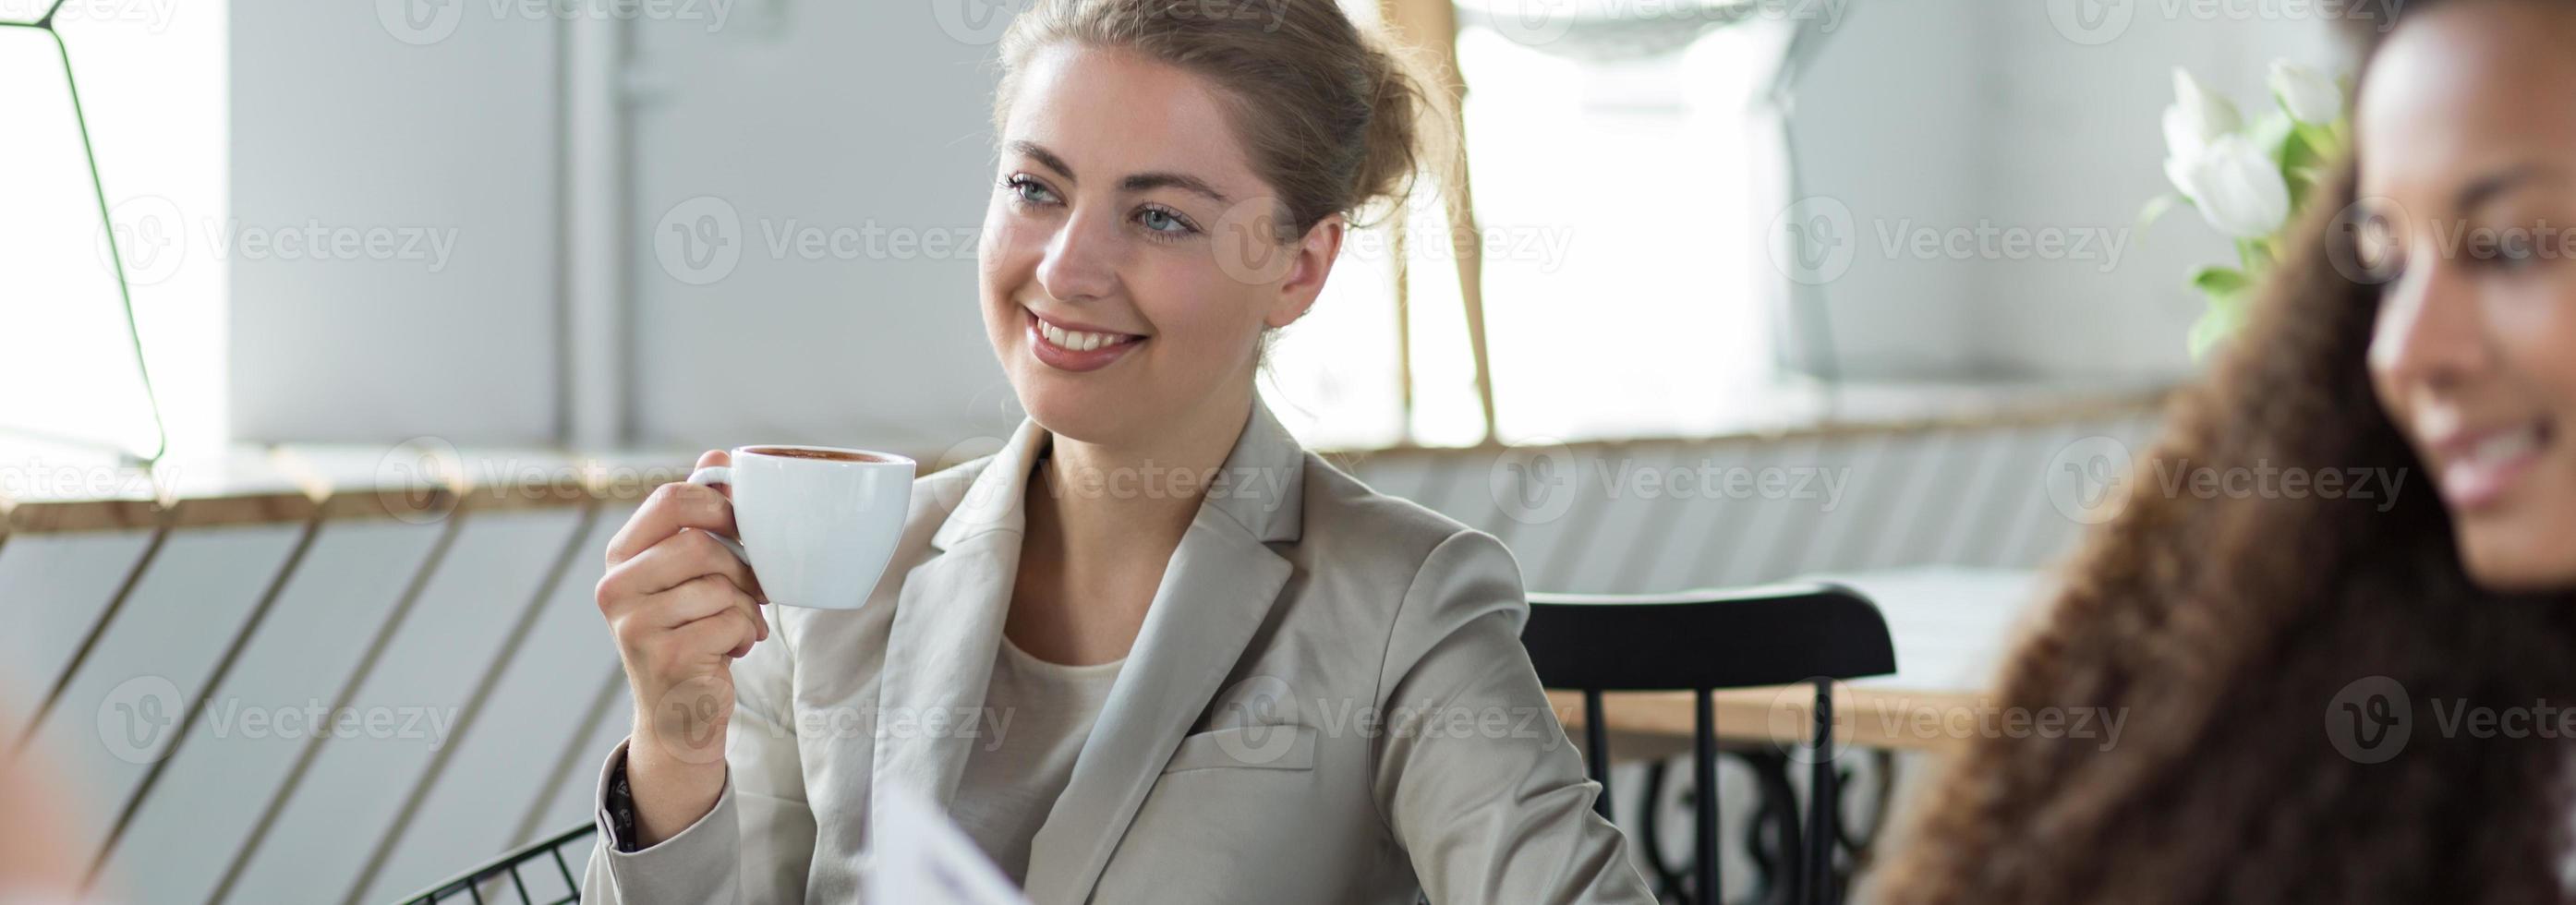 Kaffee trinken während des Treffens foto